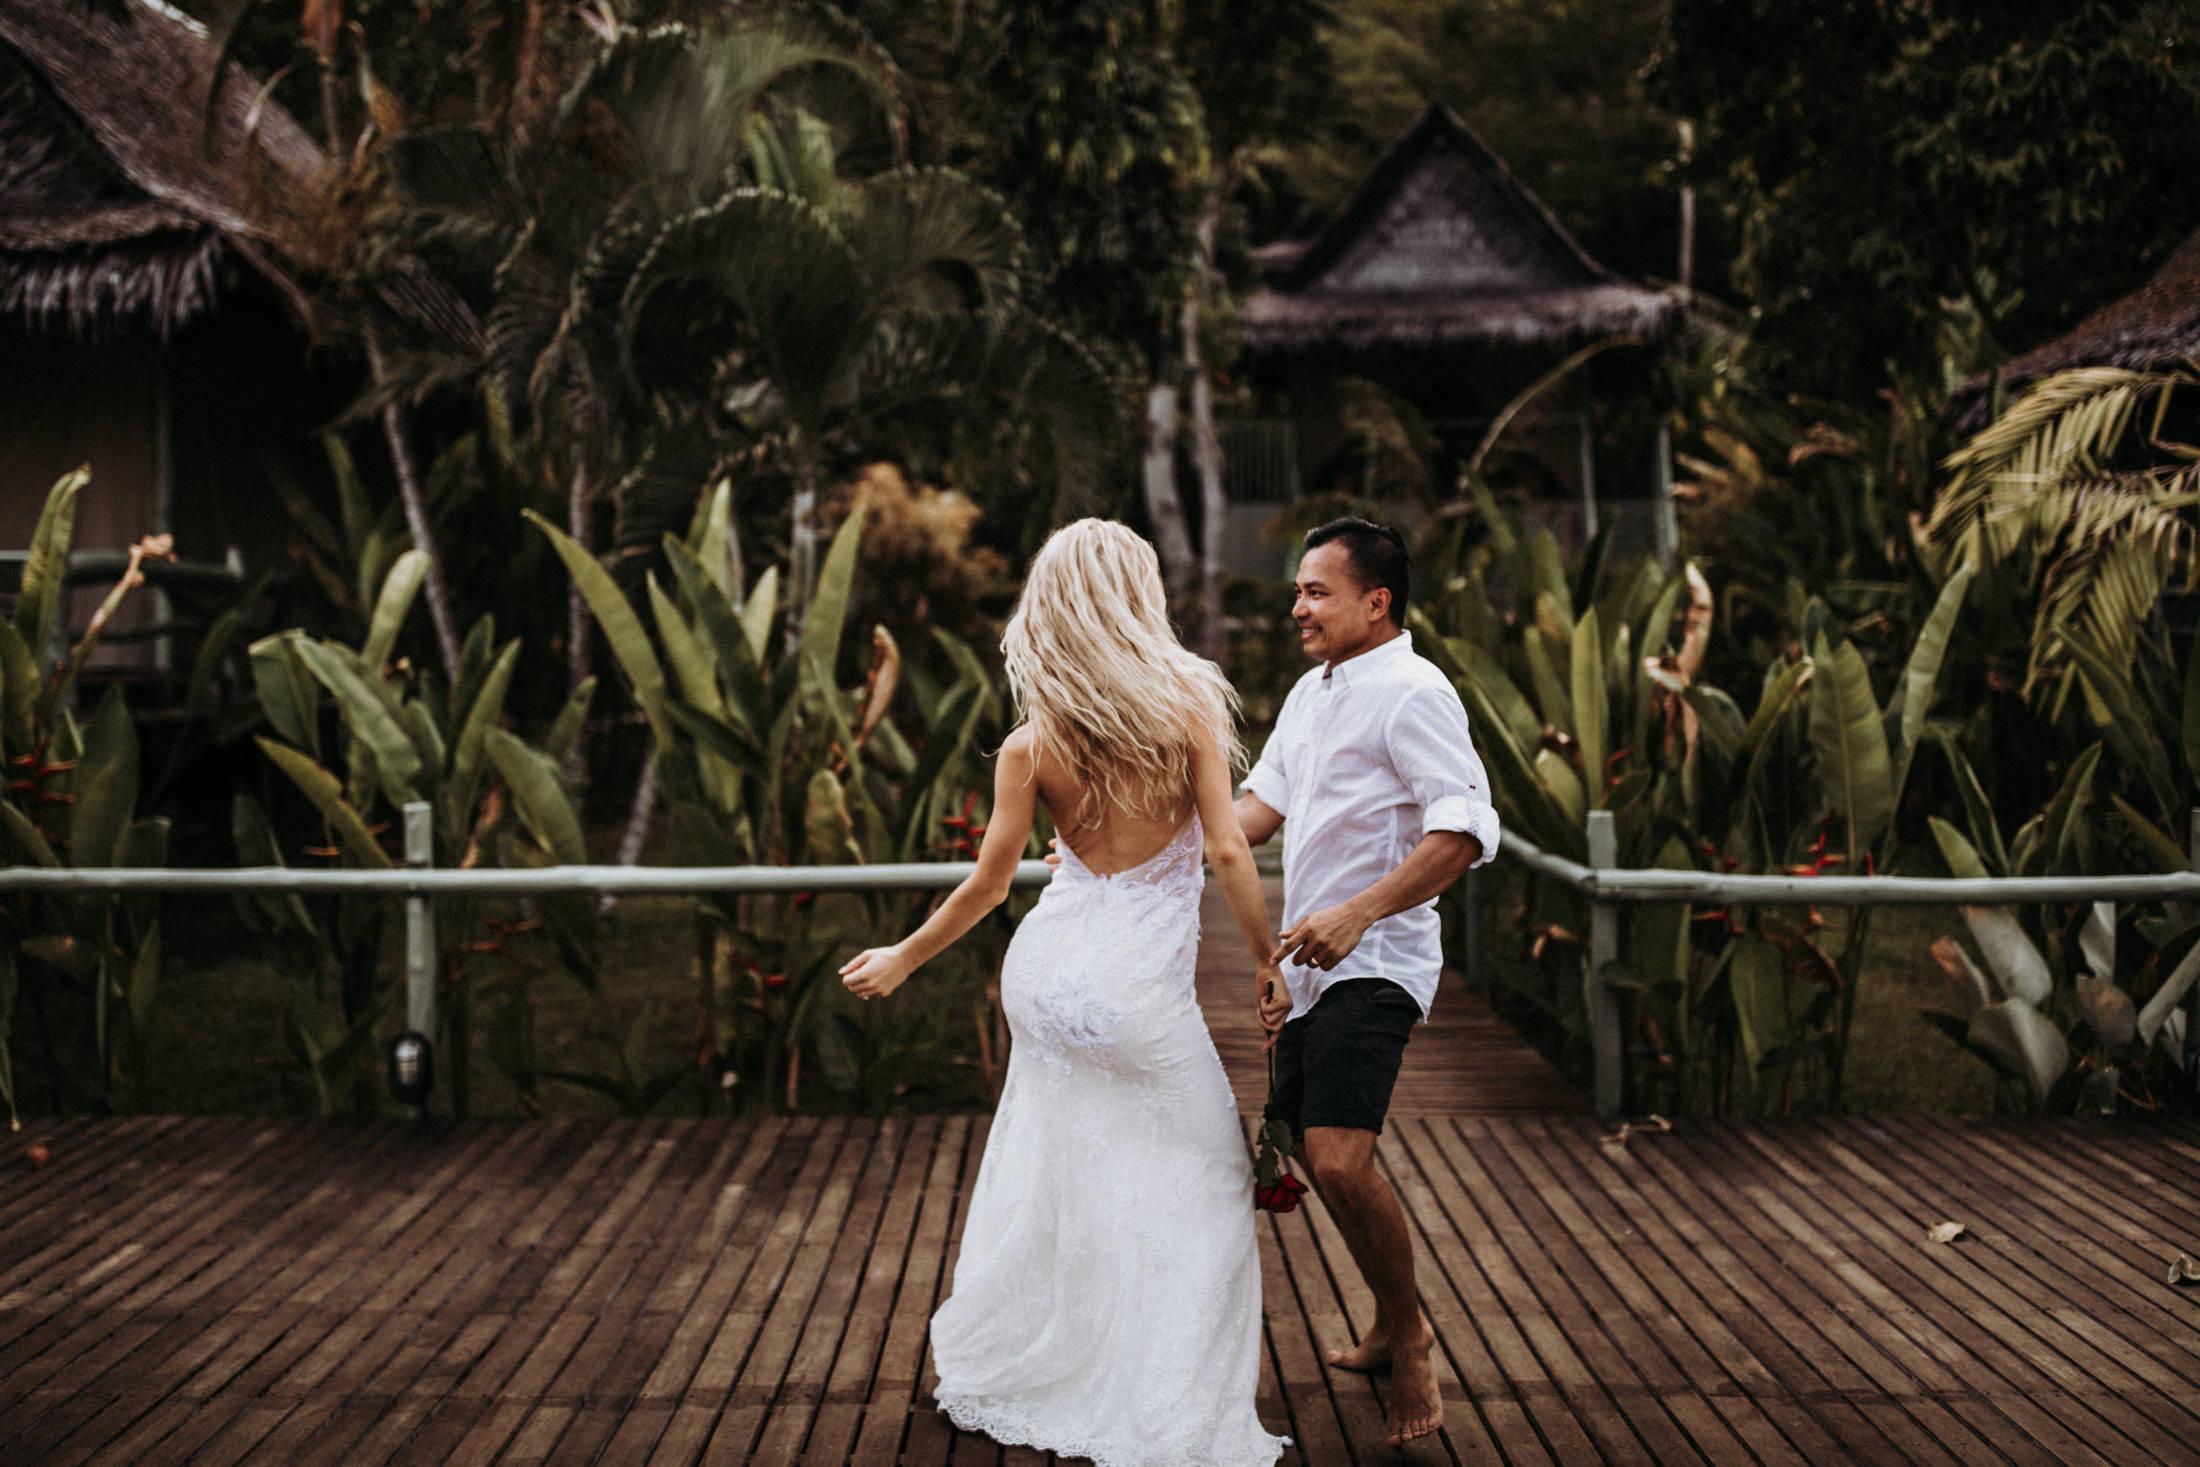 DanielaMarquardt_Wedding_Thailand_492